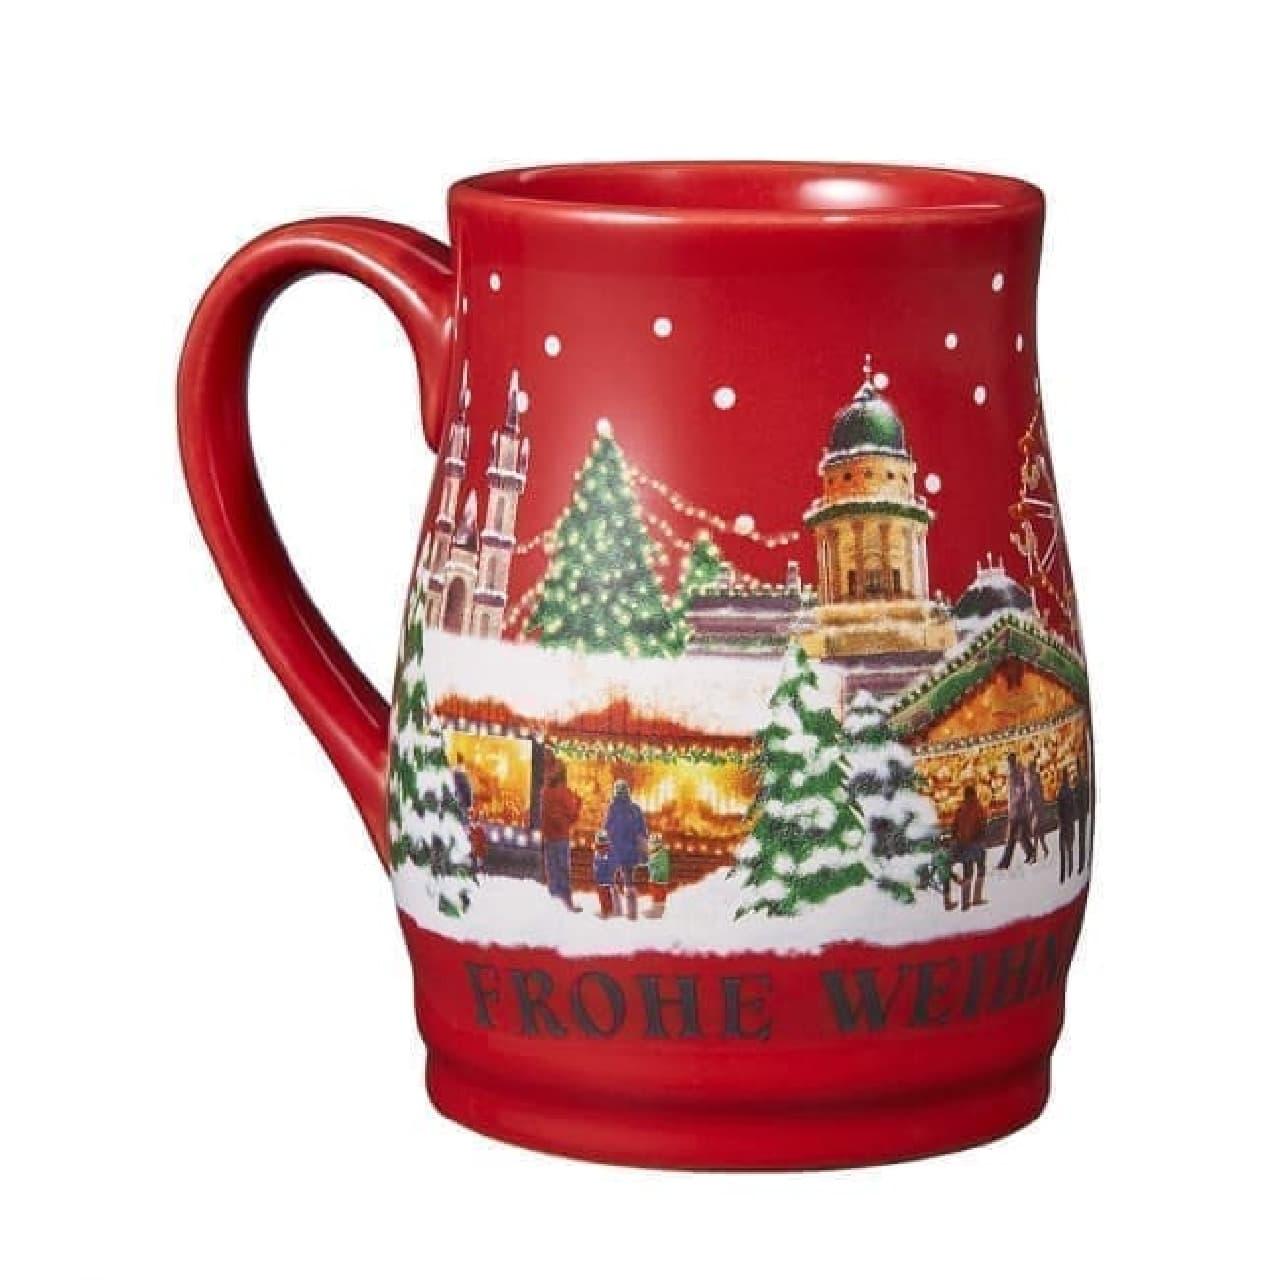 素敵なオリジナルカップ付き--カルディから「グリューワイン」が11月と12月に